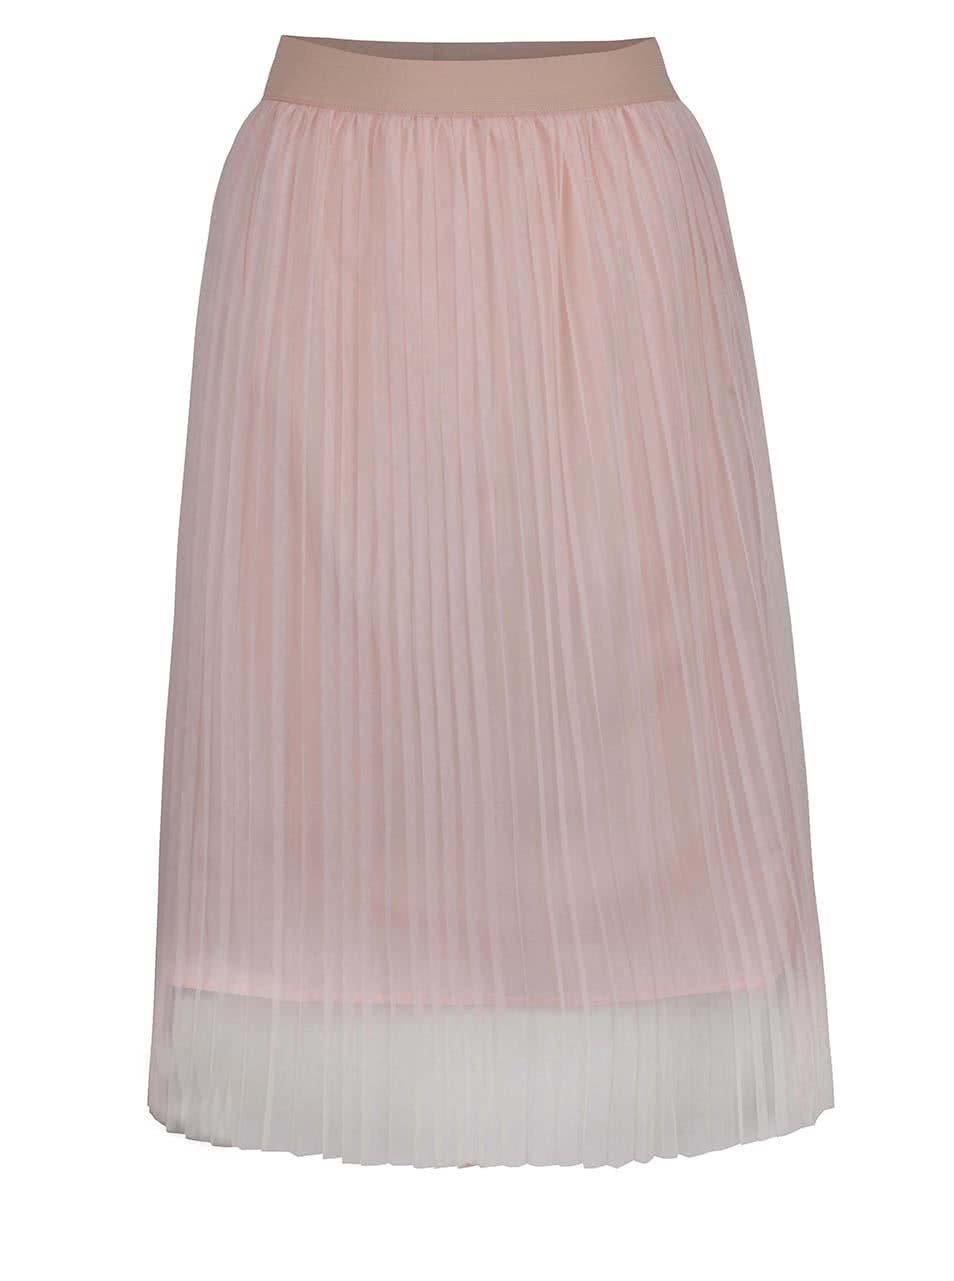 Starorůžová tylová plisovaná midi sukně TALLY WEiJL